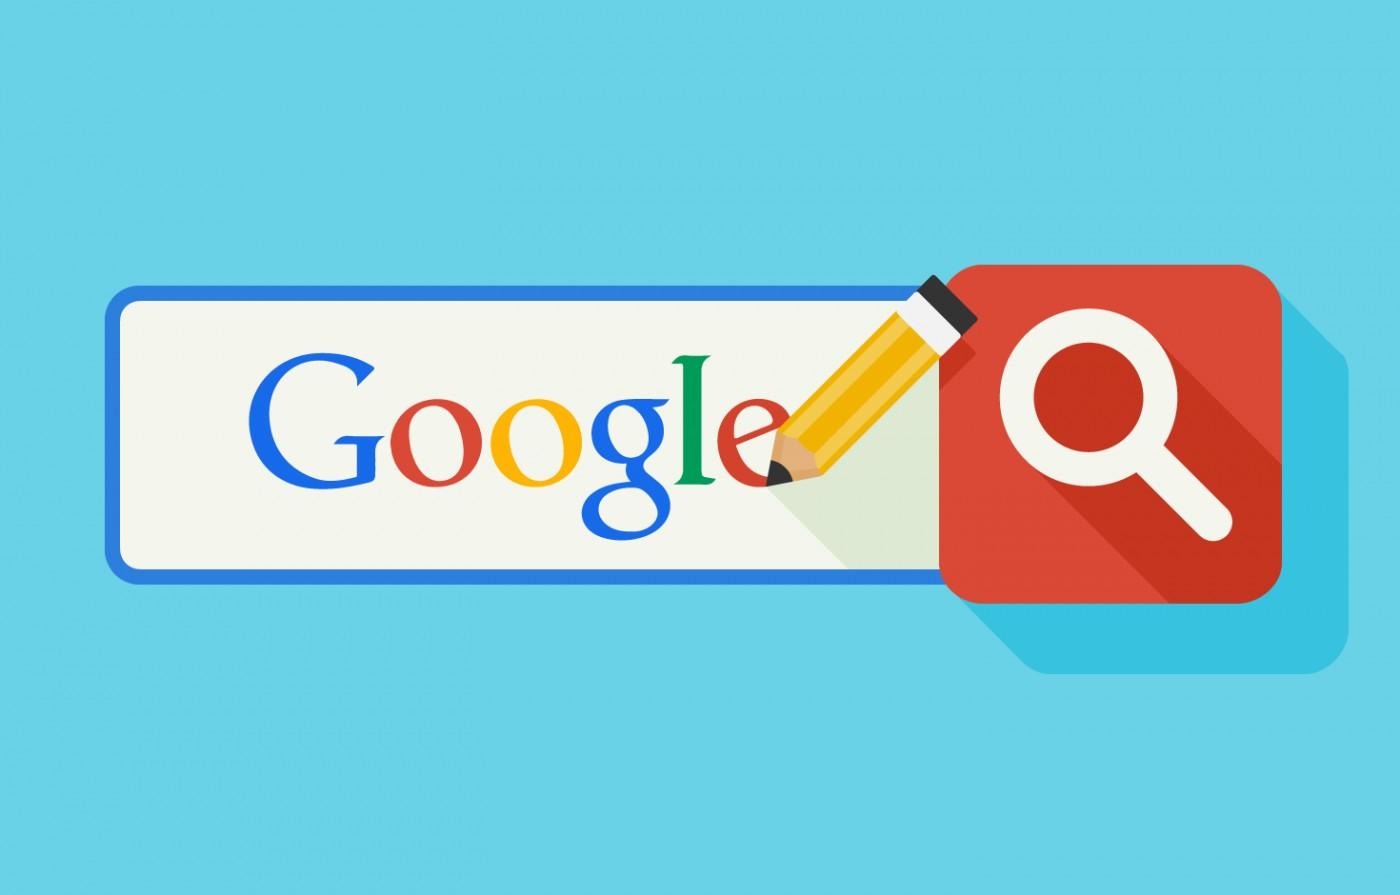 کد جستجوگر گوگل برای وبلاگ و سایت